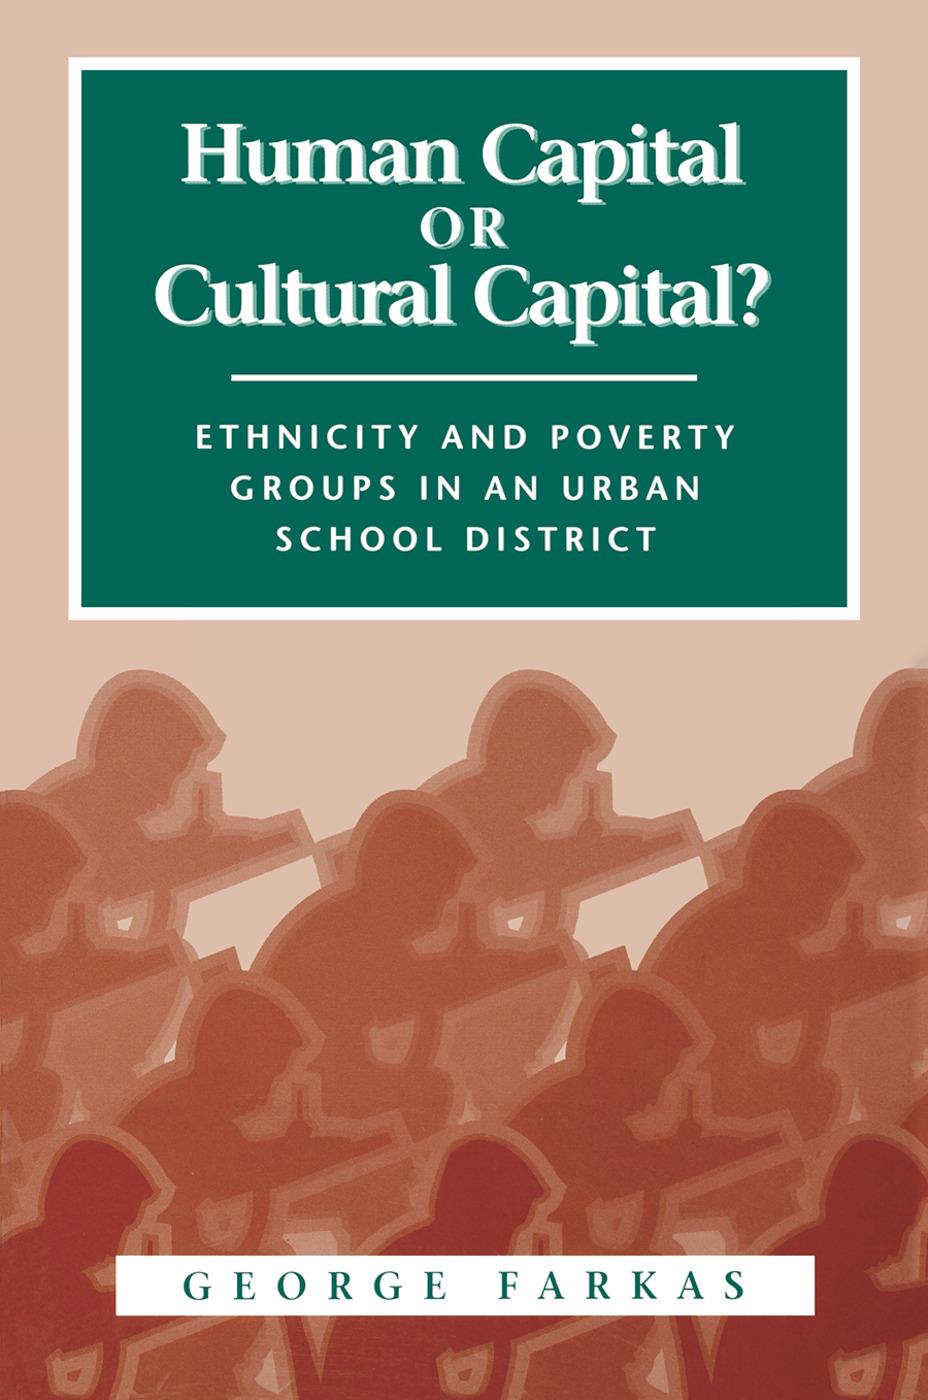 Human Capital or Cultural Capital?